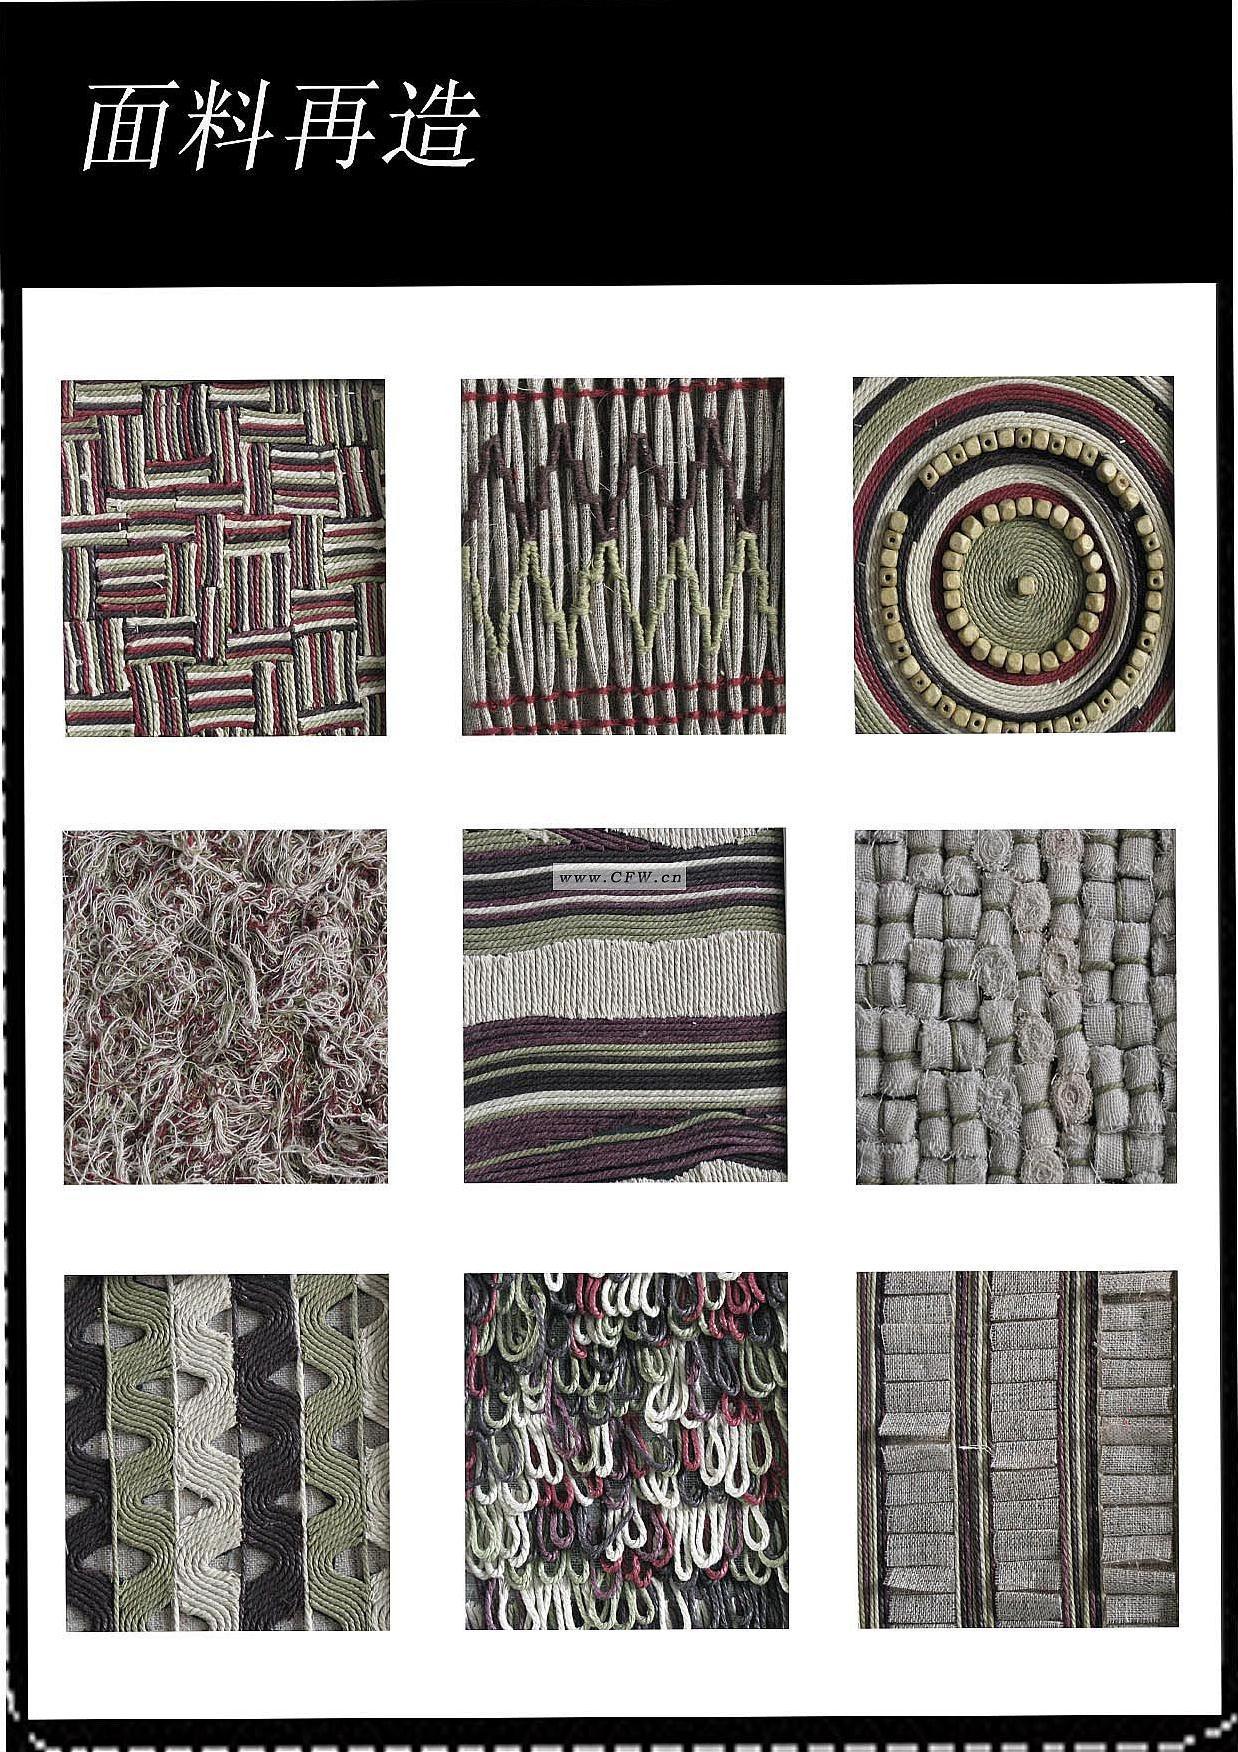 服装陈列设计_面料再造-图案设计设计-服装设计